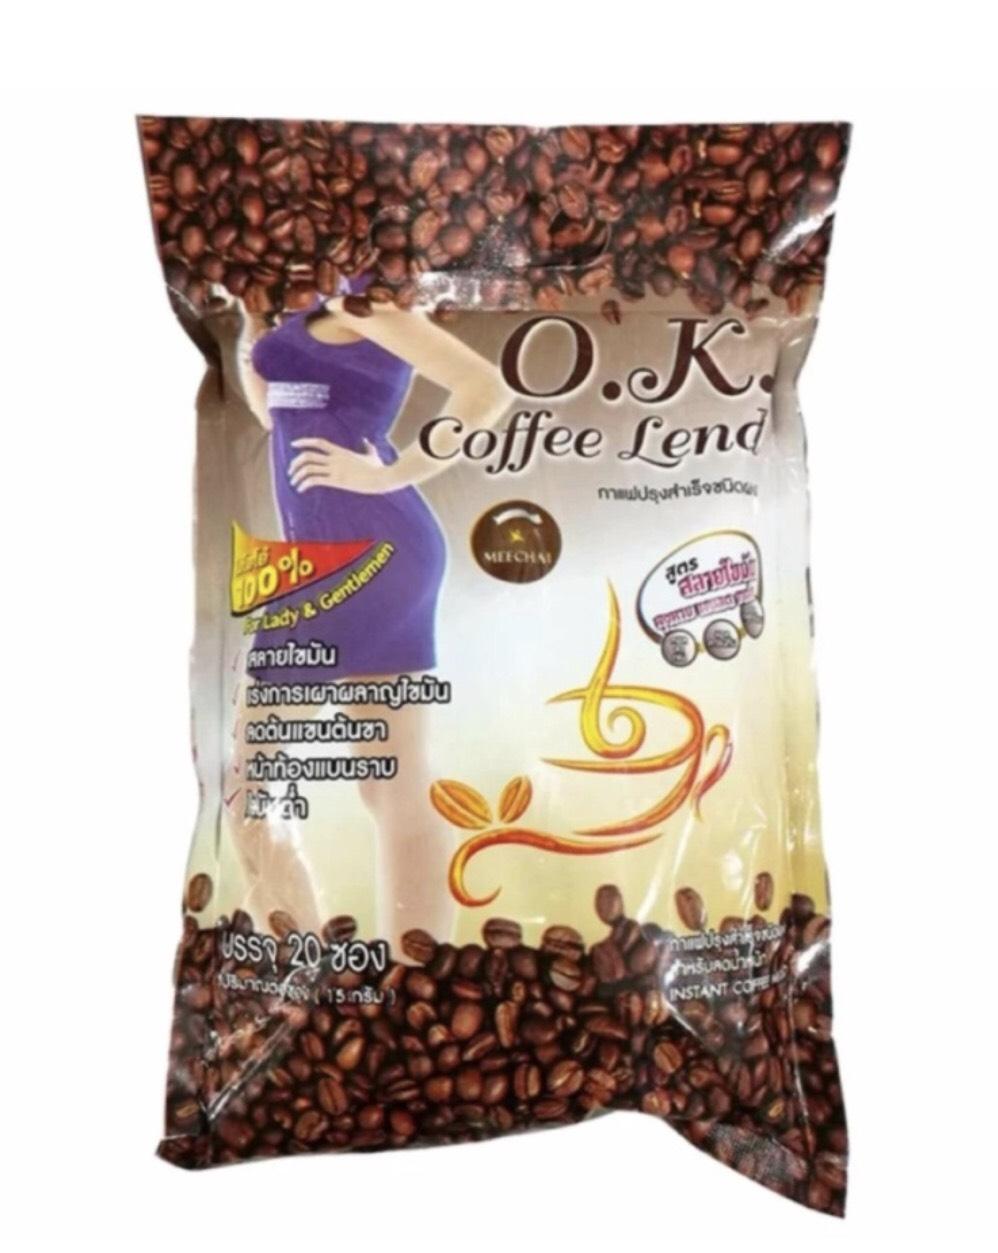 โอเค คอฟฟี่ เลนด์ กาแฟลดน้ำหนัก OK Coffee Lend